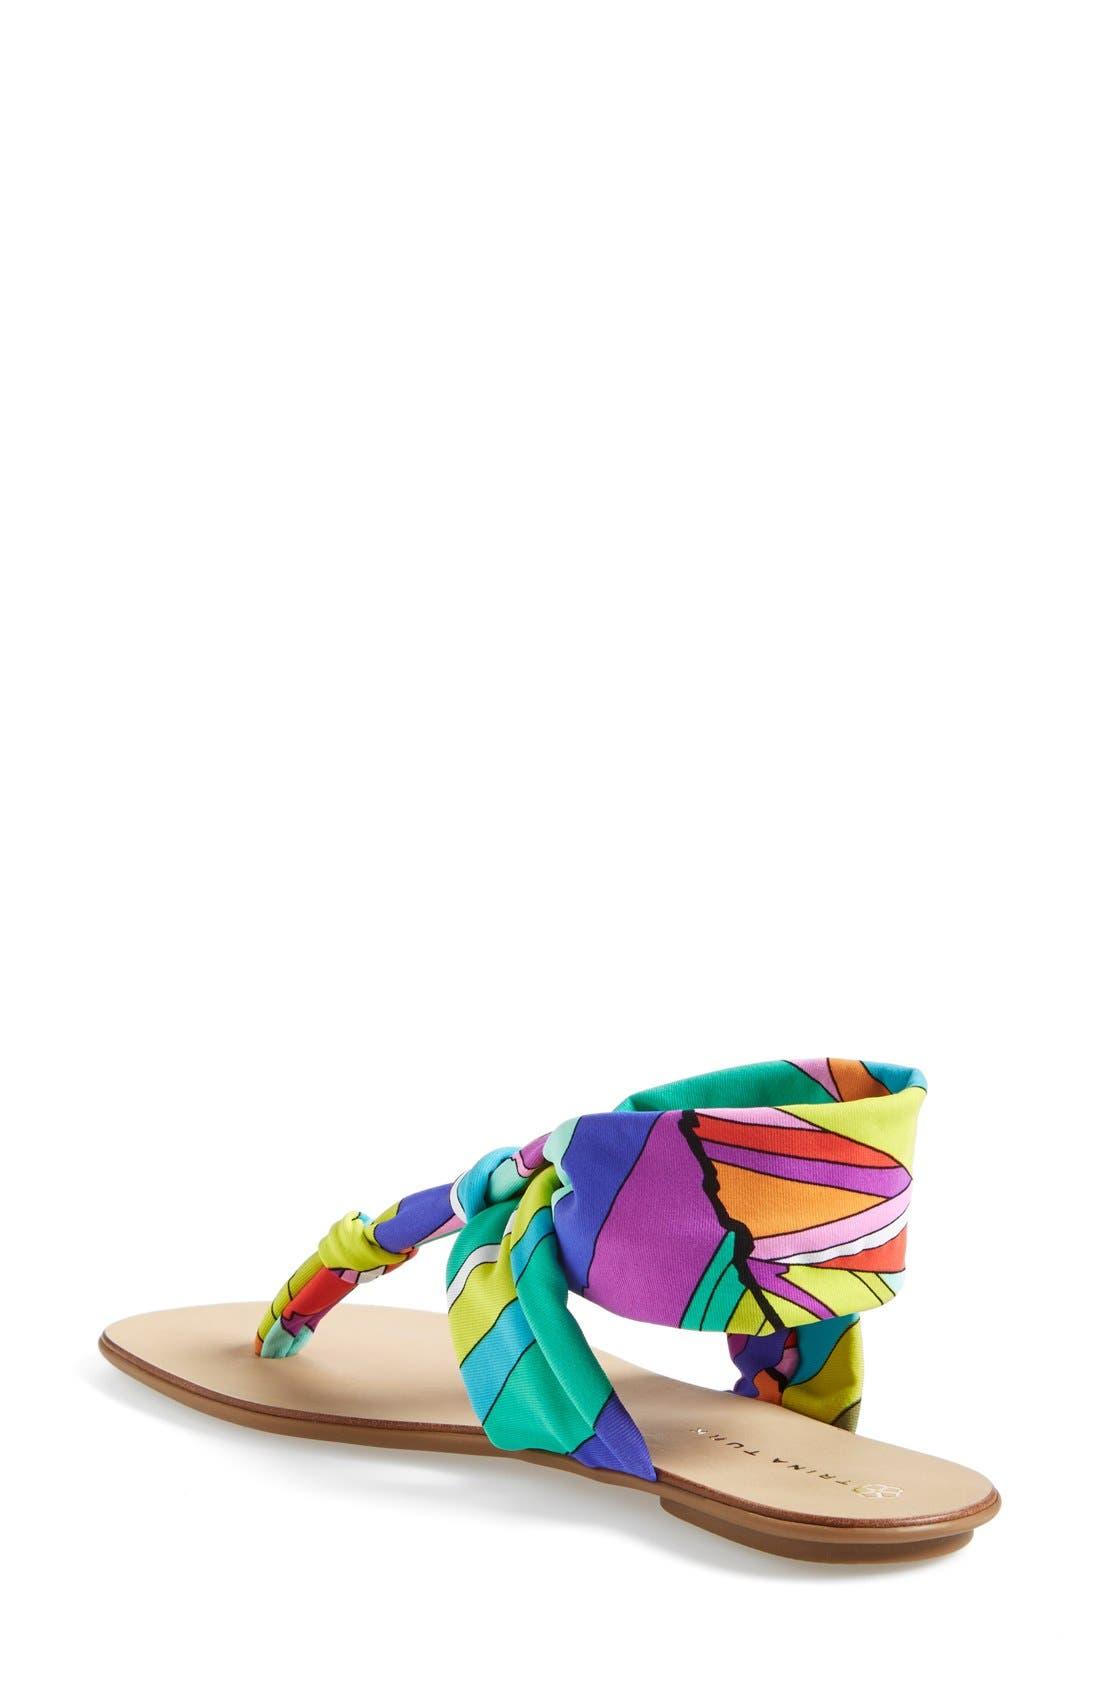 Alternate Image 2  - Trina Turk 'Titus' Thong Sandal (Women)